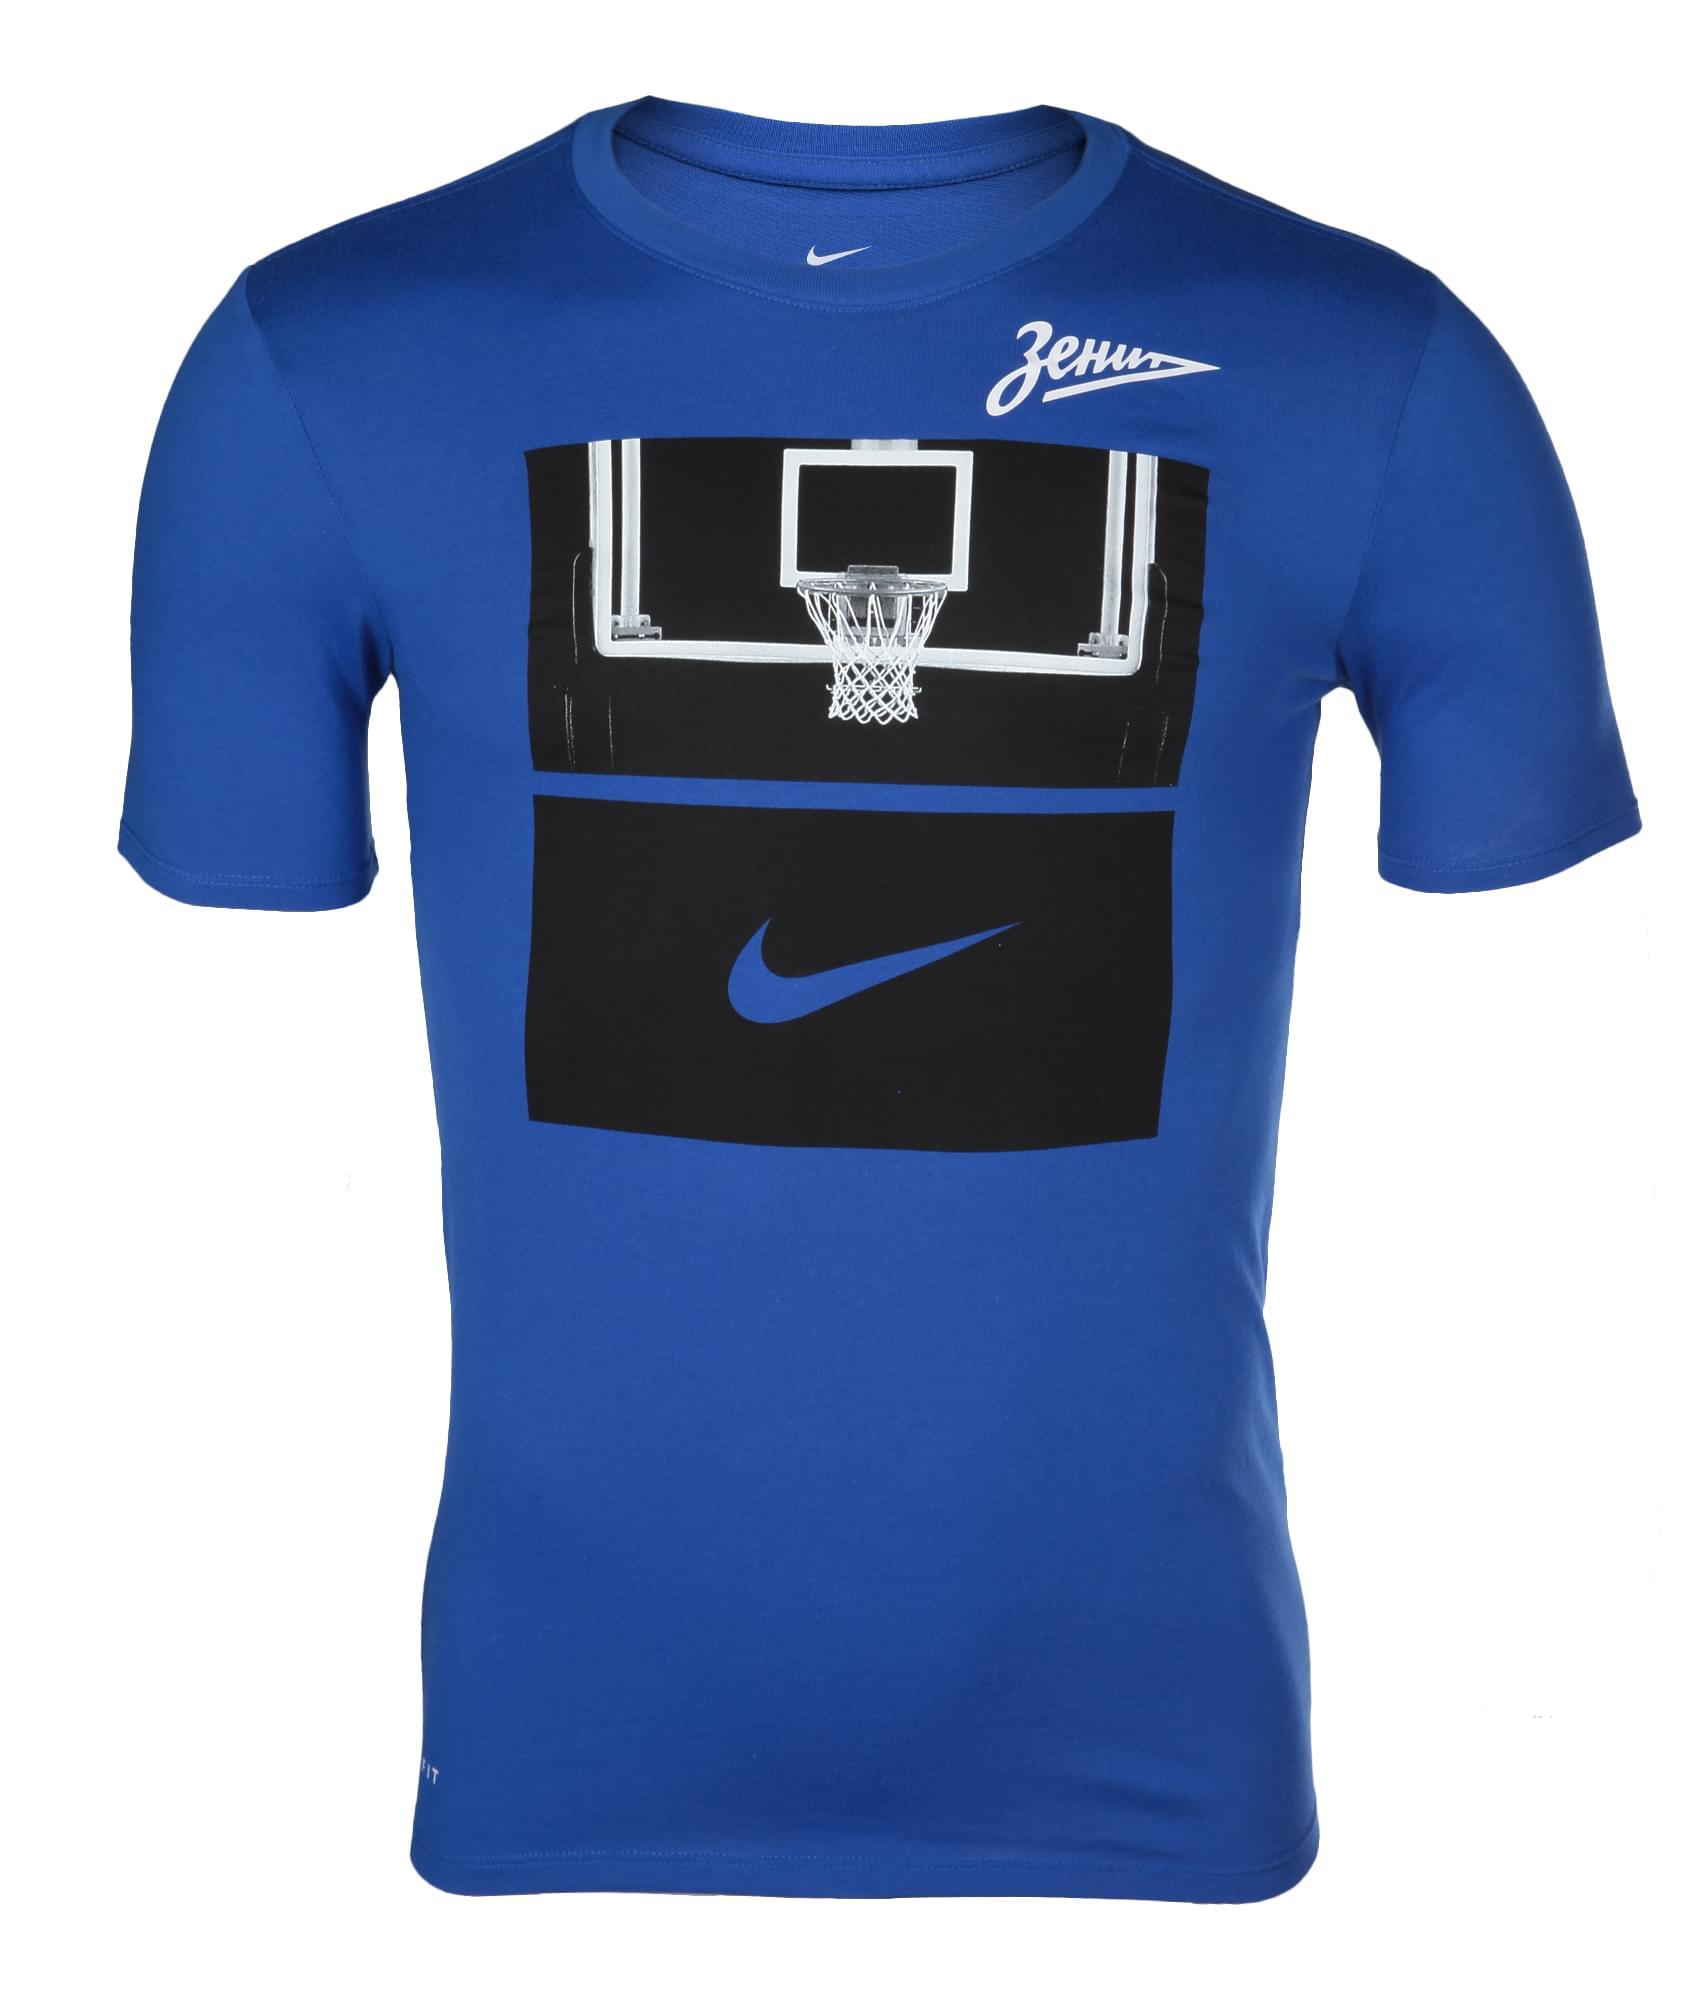 Футболка Nike БК «Зенит» Nike Цвет-Синий